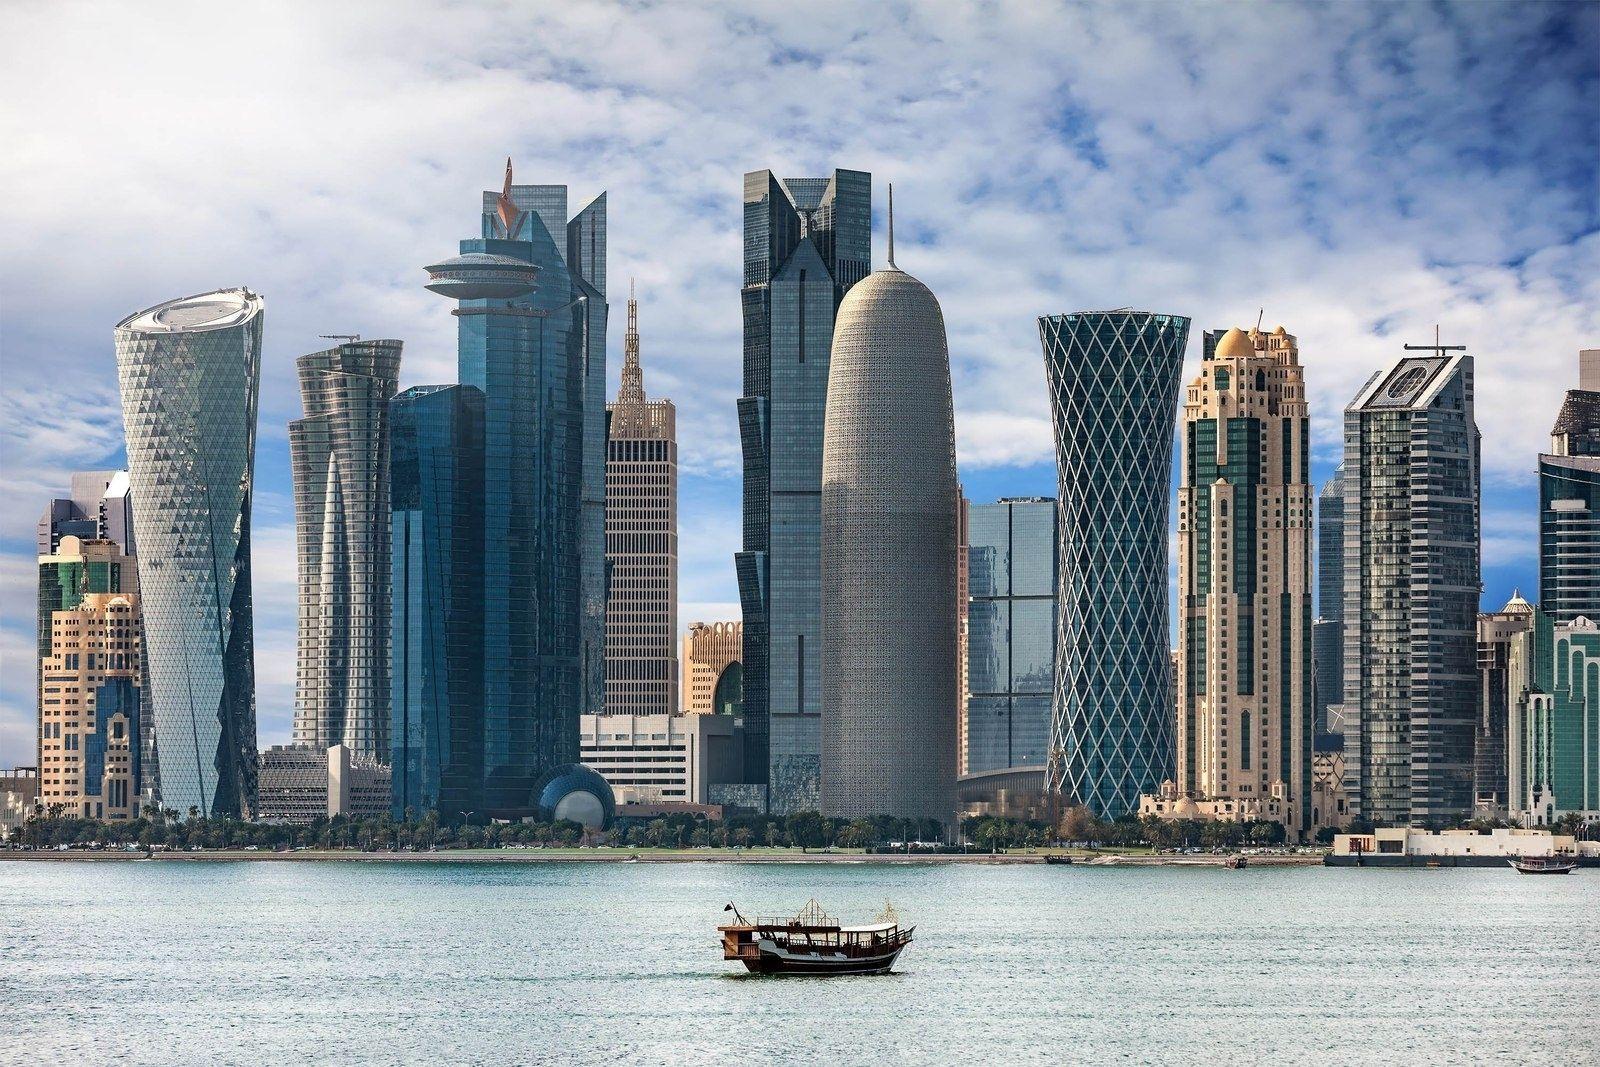 9bd428_doha-qatar_x974-1 Баялгаасаа болж баяжсан хийгээд баларсан орнууд: Катар, Венесуэль